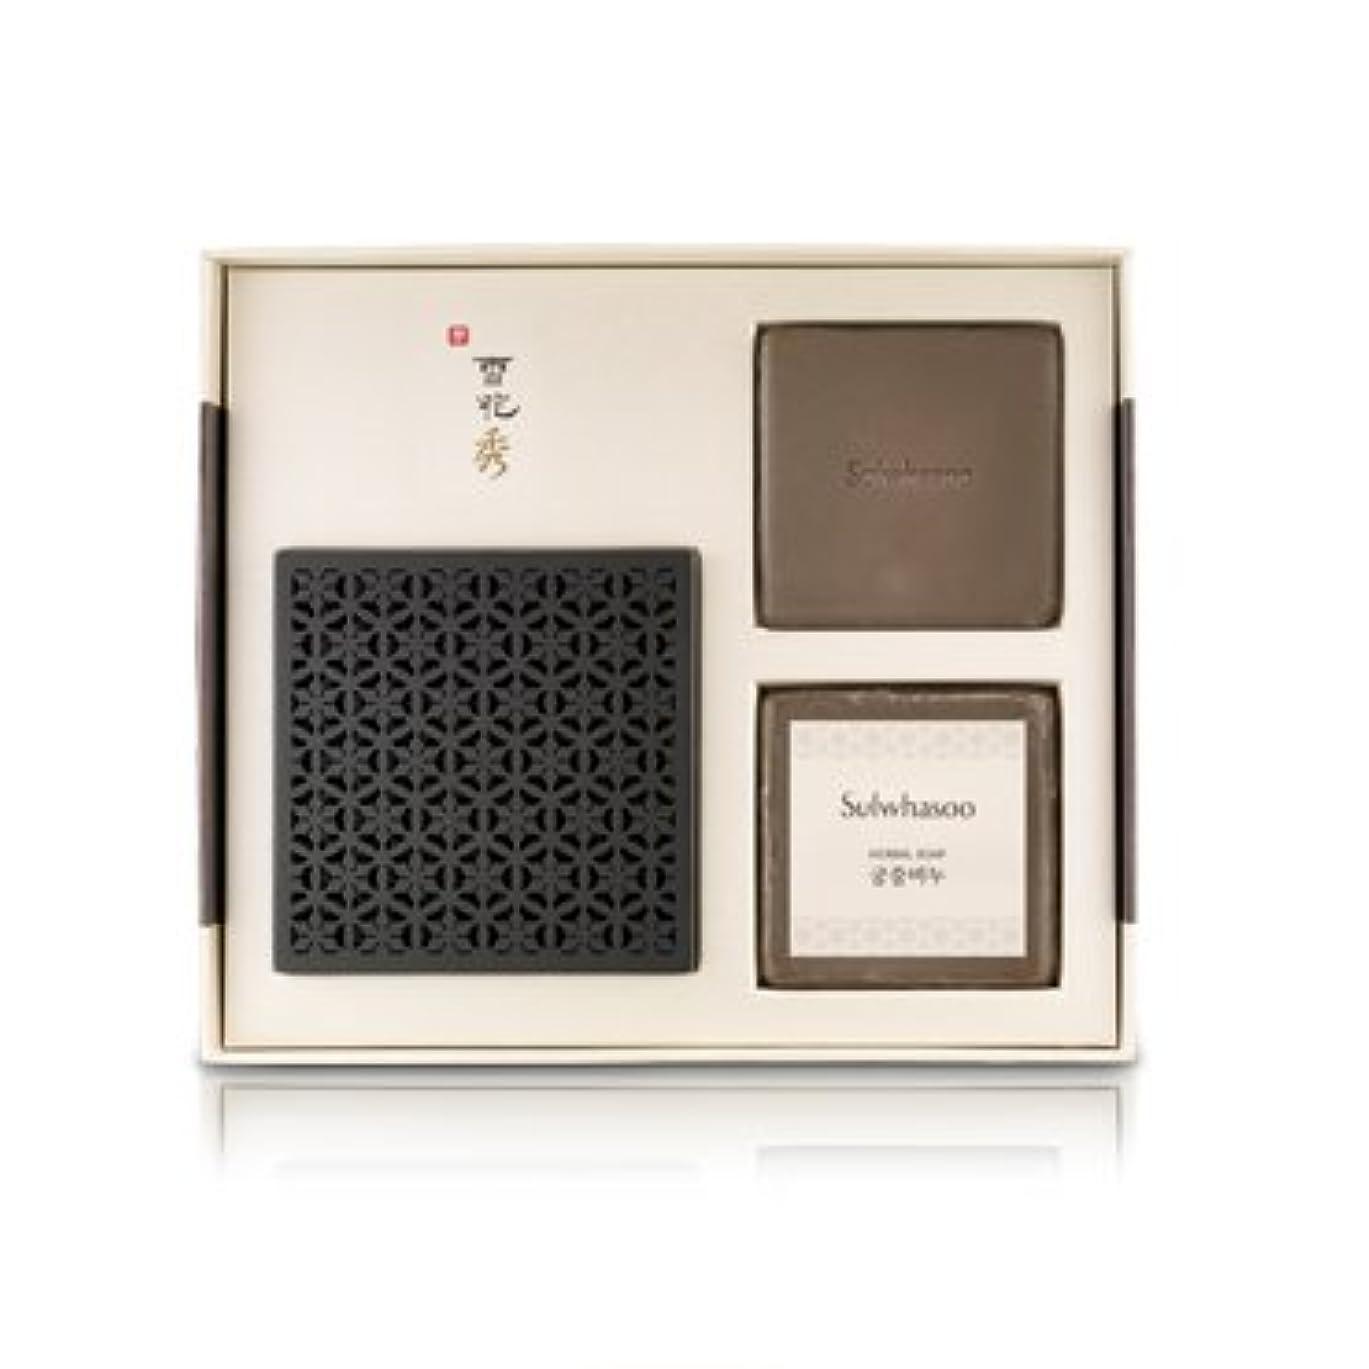 ドラッグ管理者ドール雪花秀(ソルファス)韓方クレンジング石鹸[宮中石鹸(Herbal soap)]100g×2